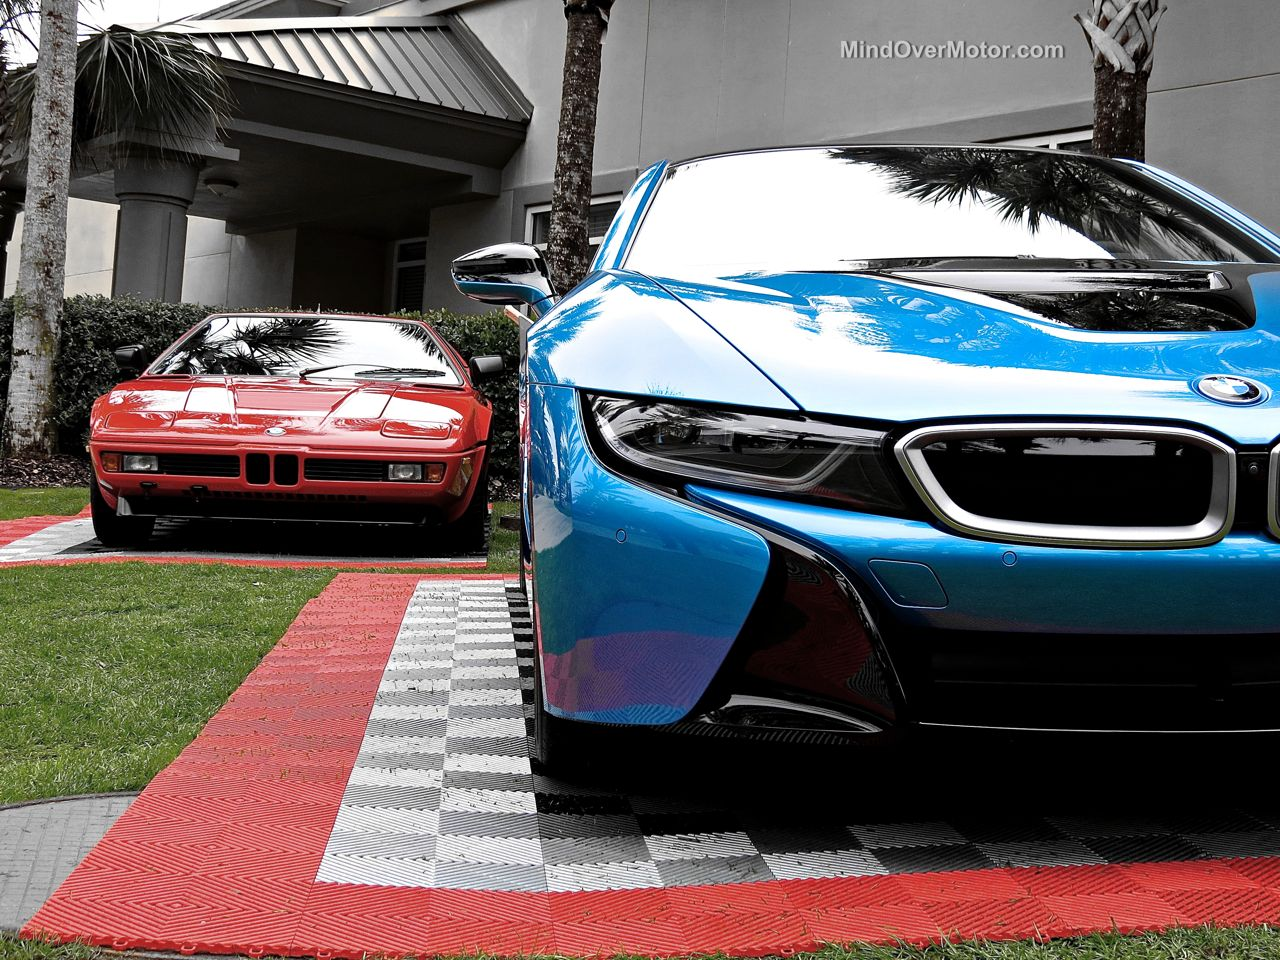 BMW i8 Amelia Island 2